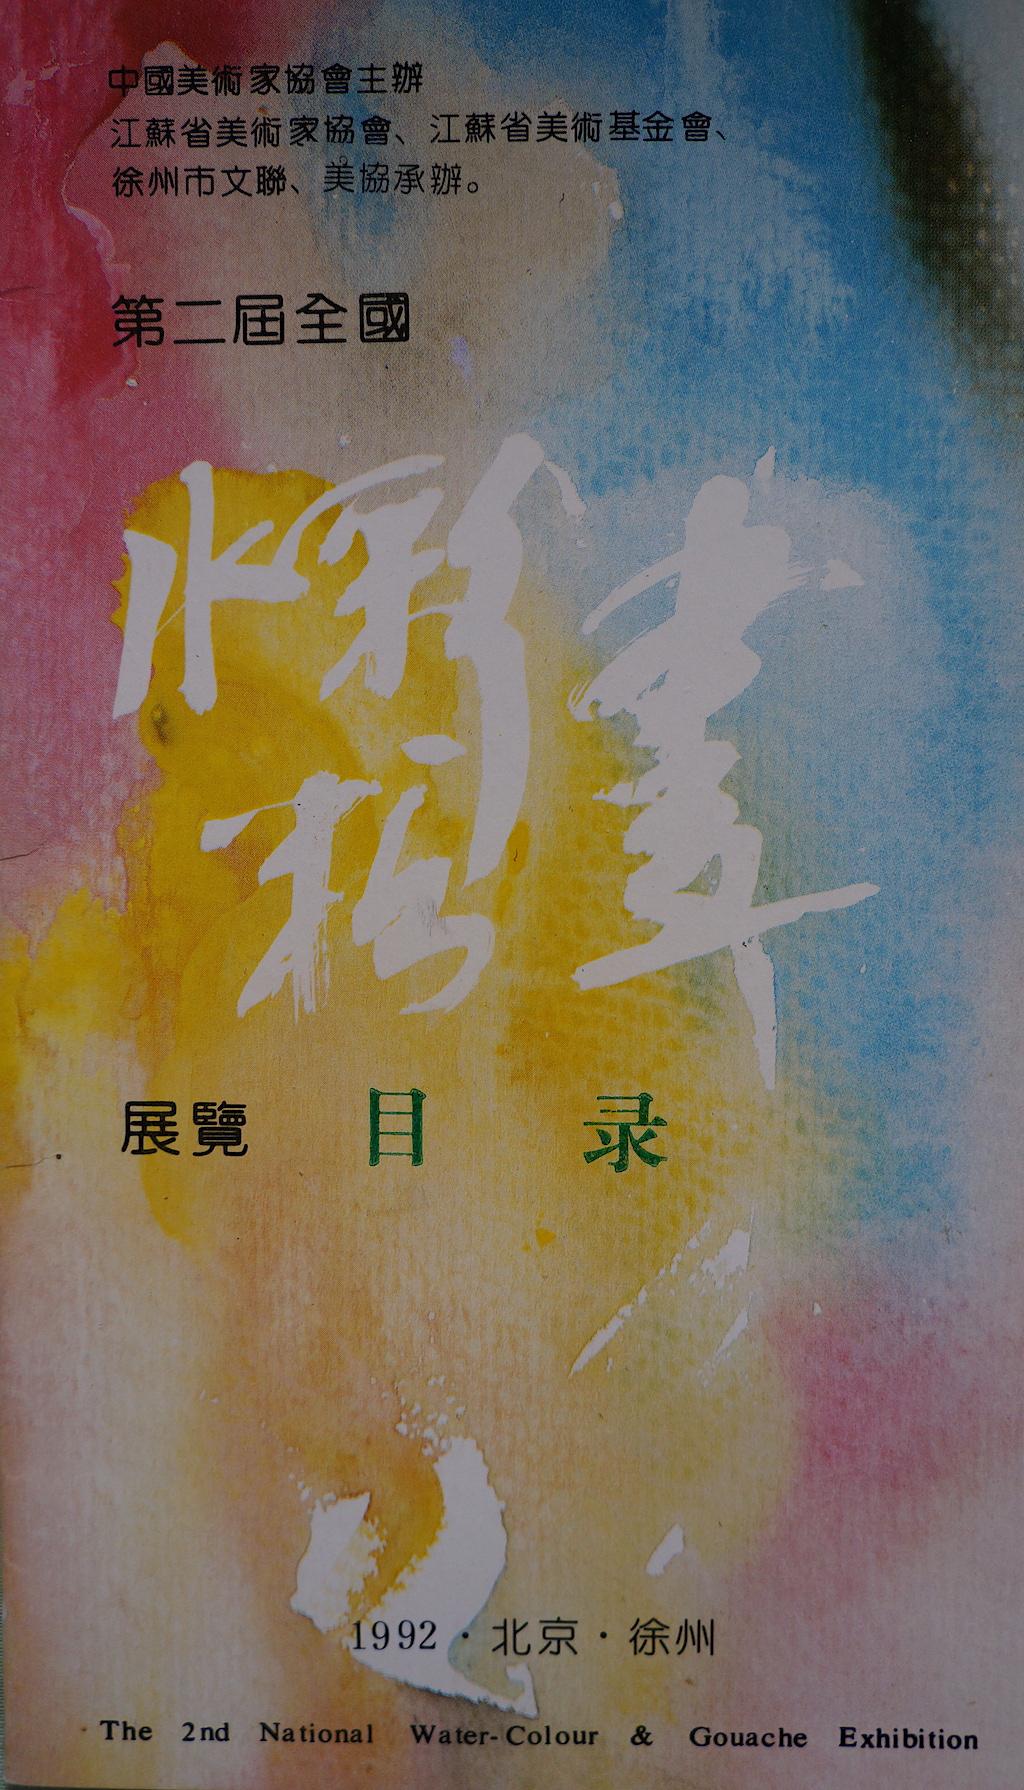 二届水彩粉画展1992